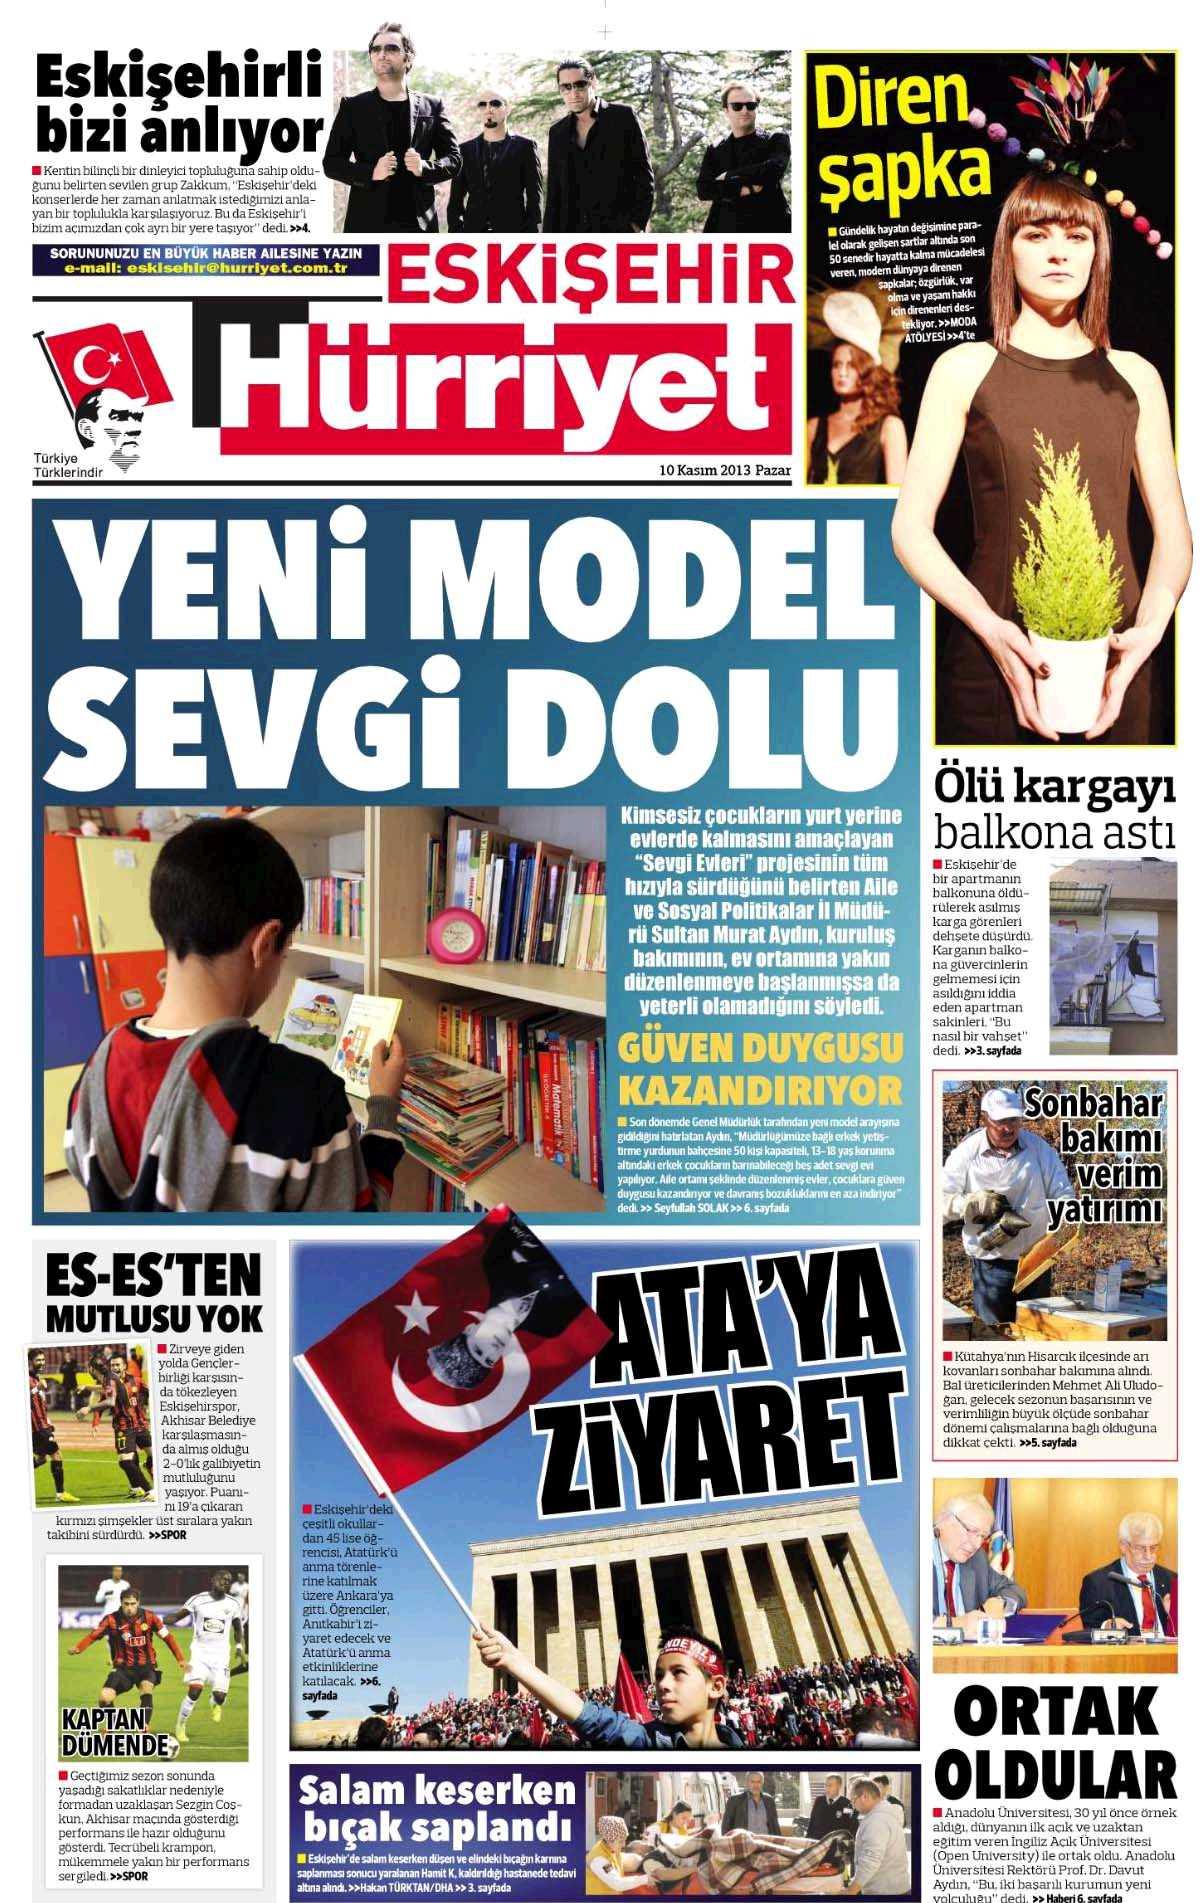 2013 Kasım Hürriyet Eskişehir - Diren Şapka Röportajı